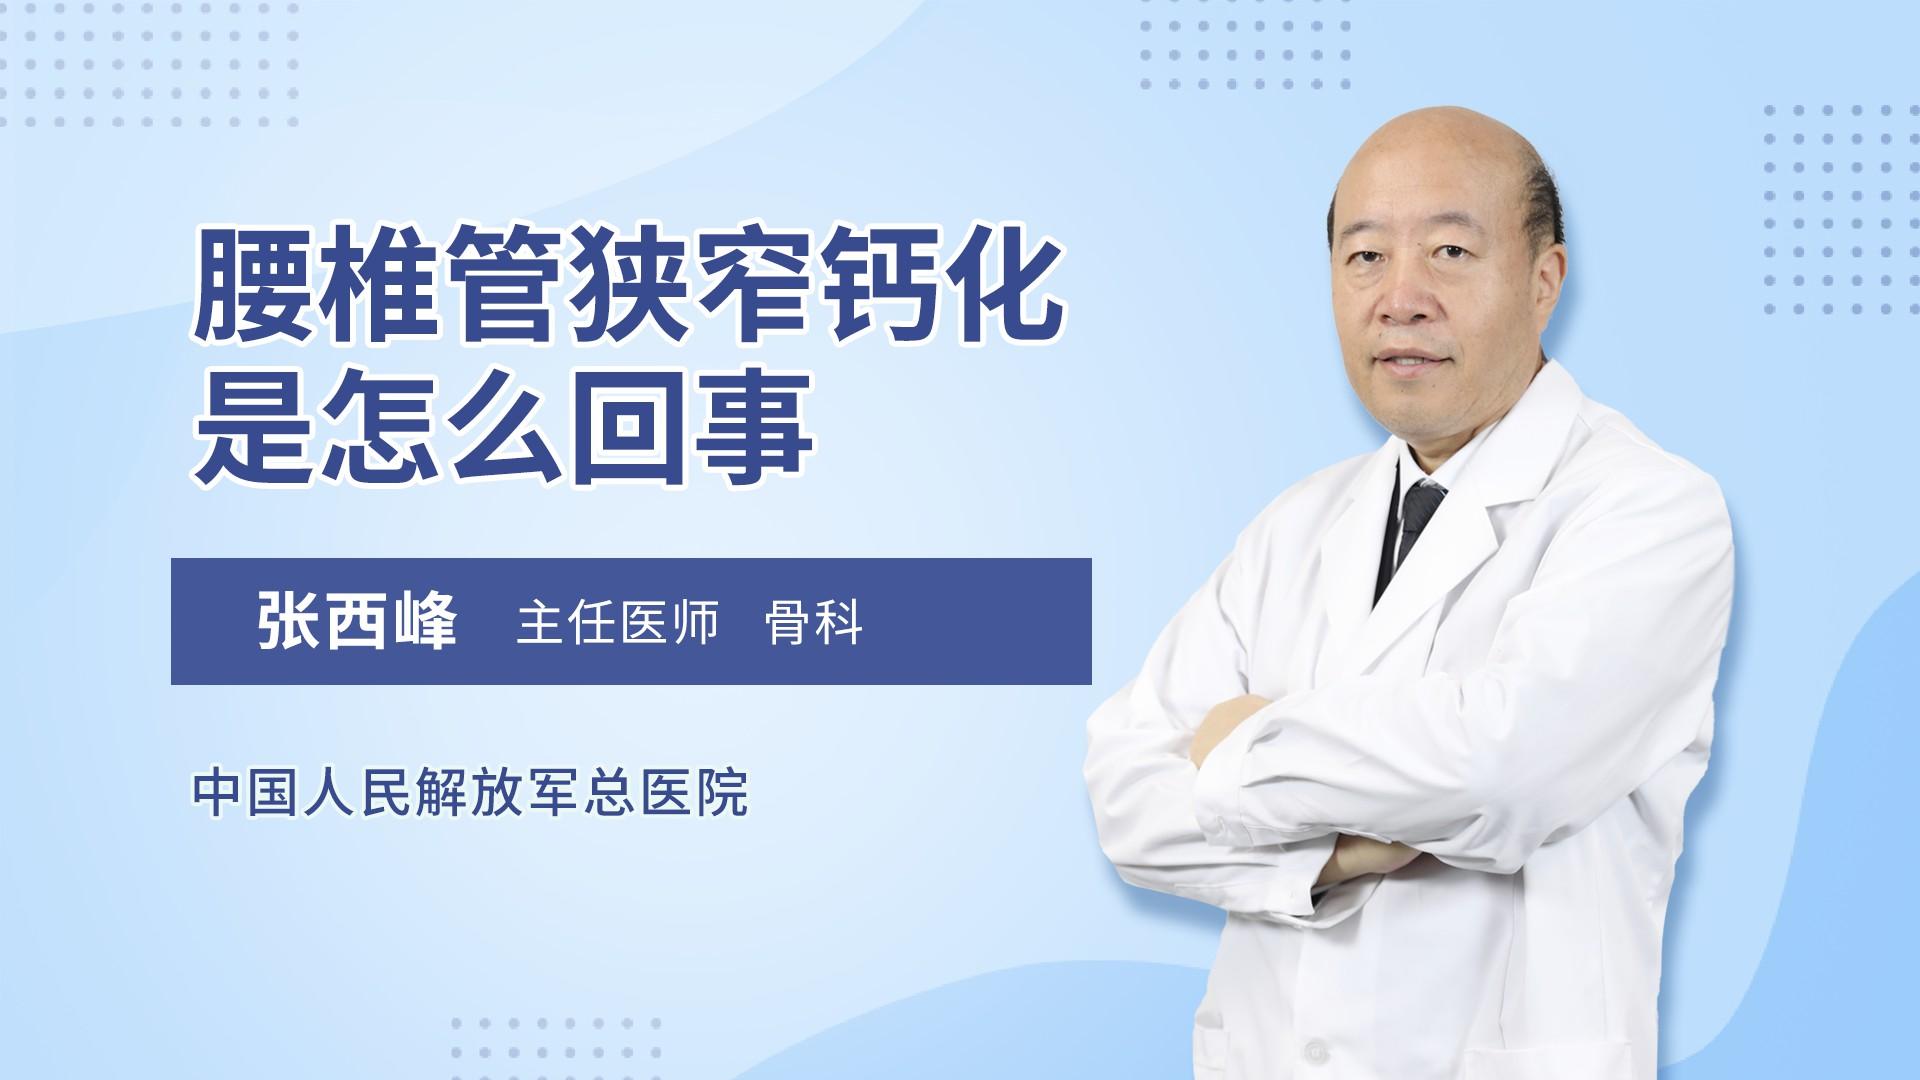 腰椎管狭窄钙化是怎么回事